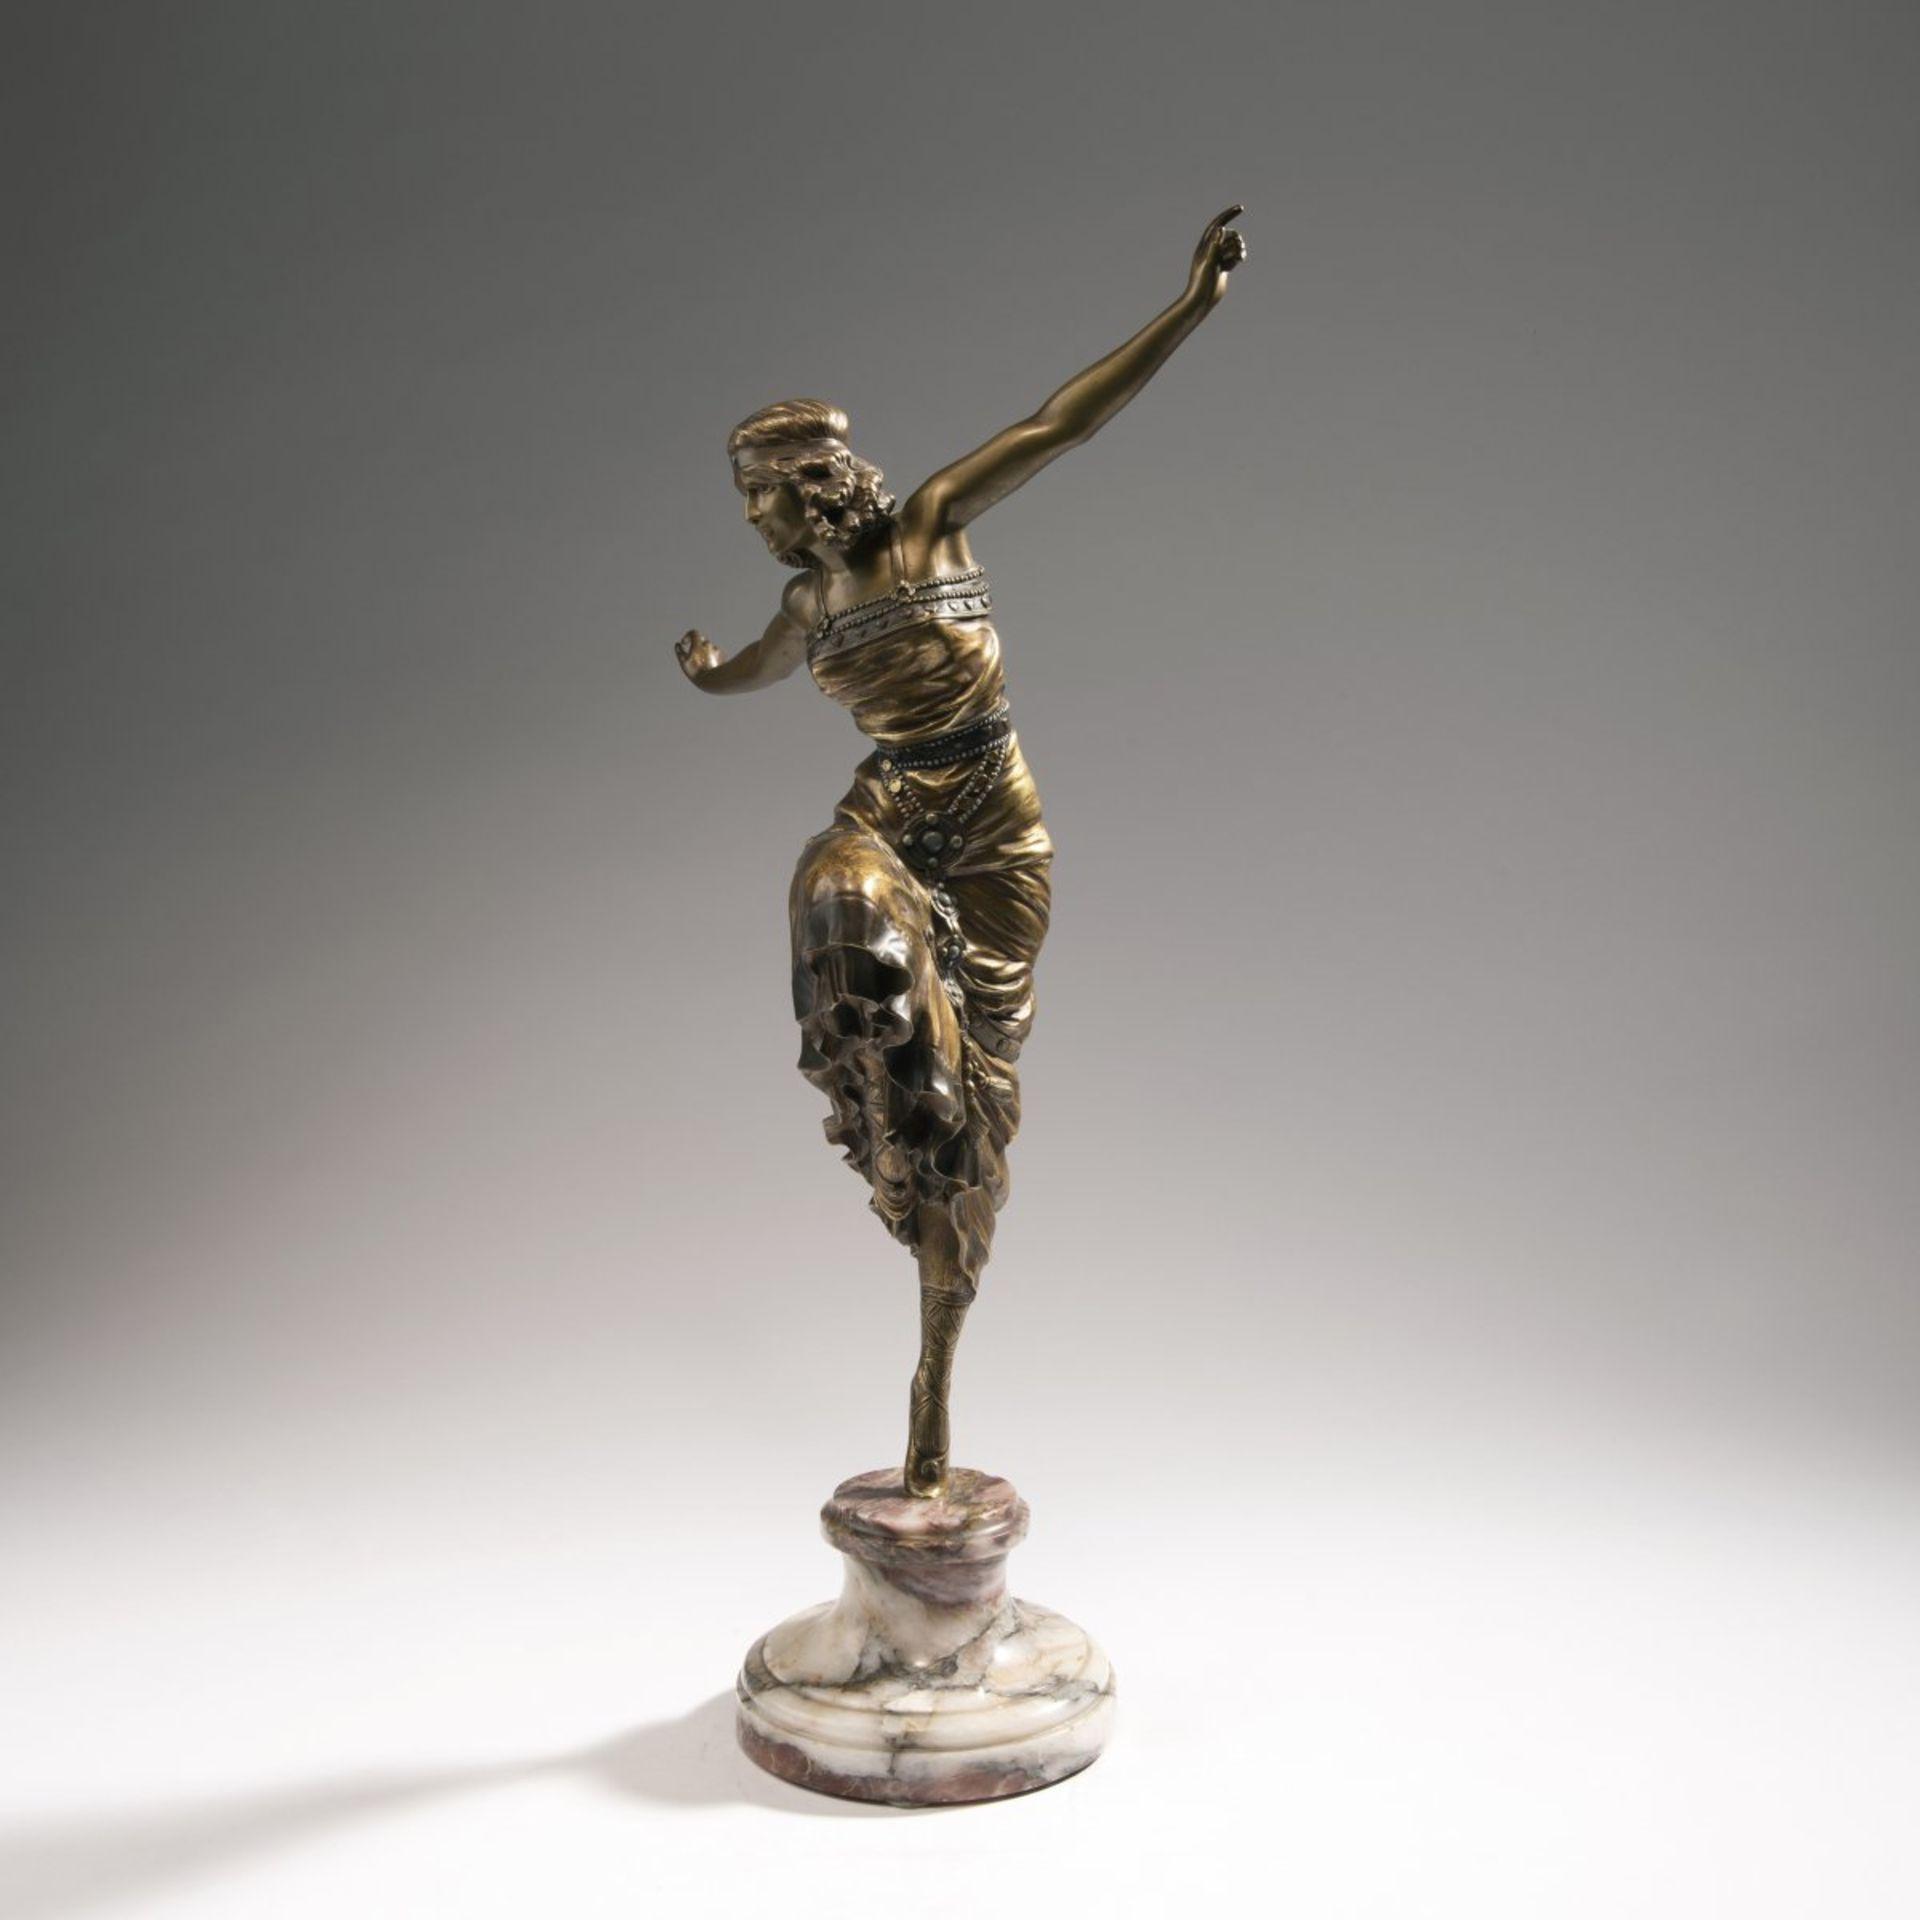 Paul Philippe, 'Große Russische Tänzerin', 1920er Jahre - Bild 2 aus 8